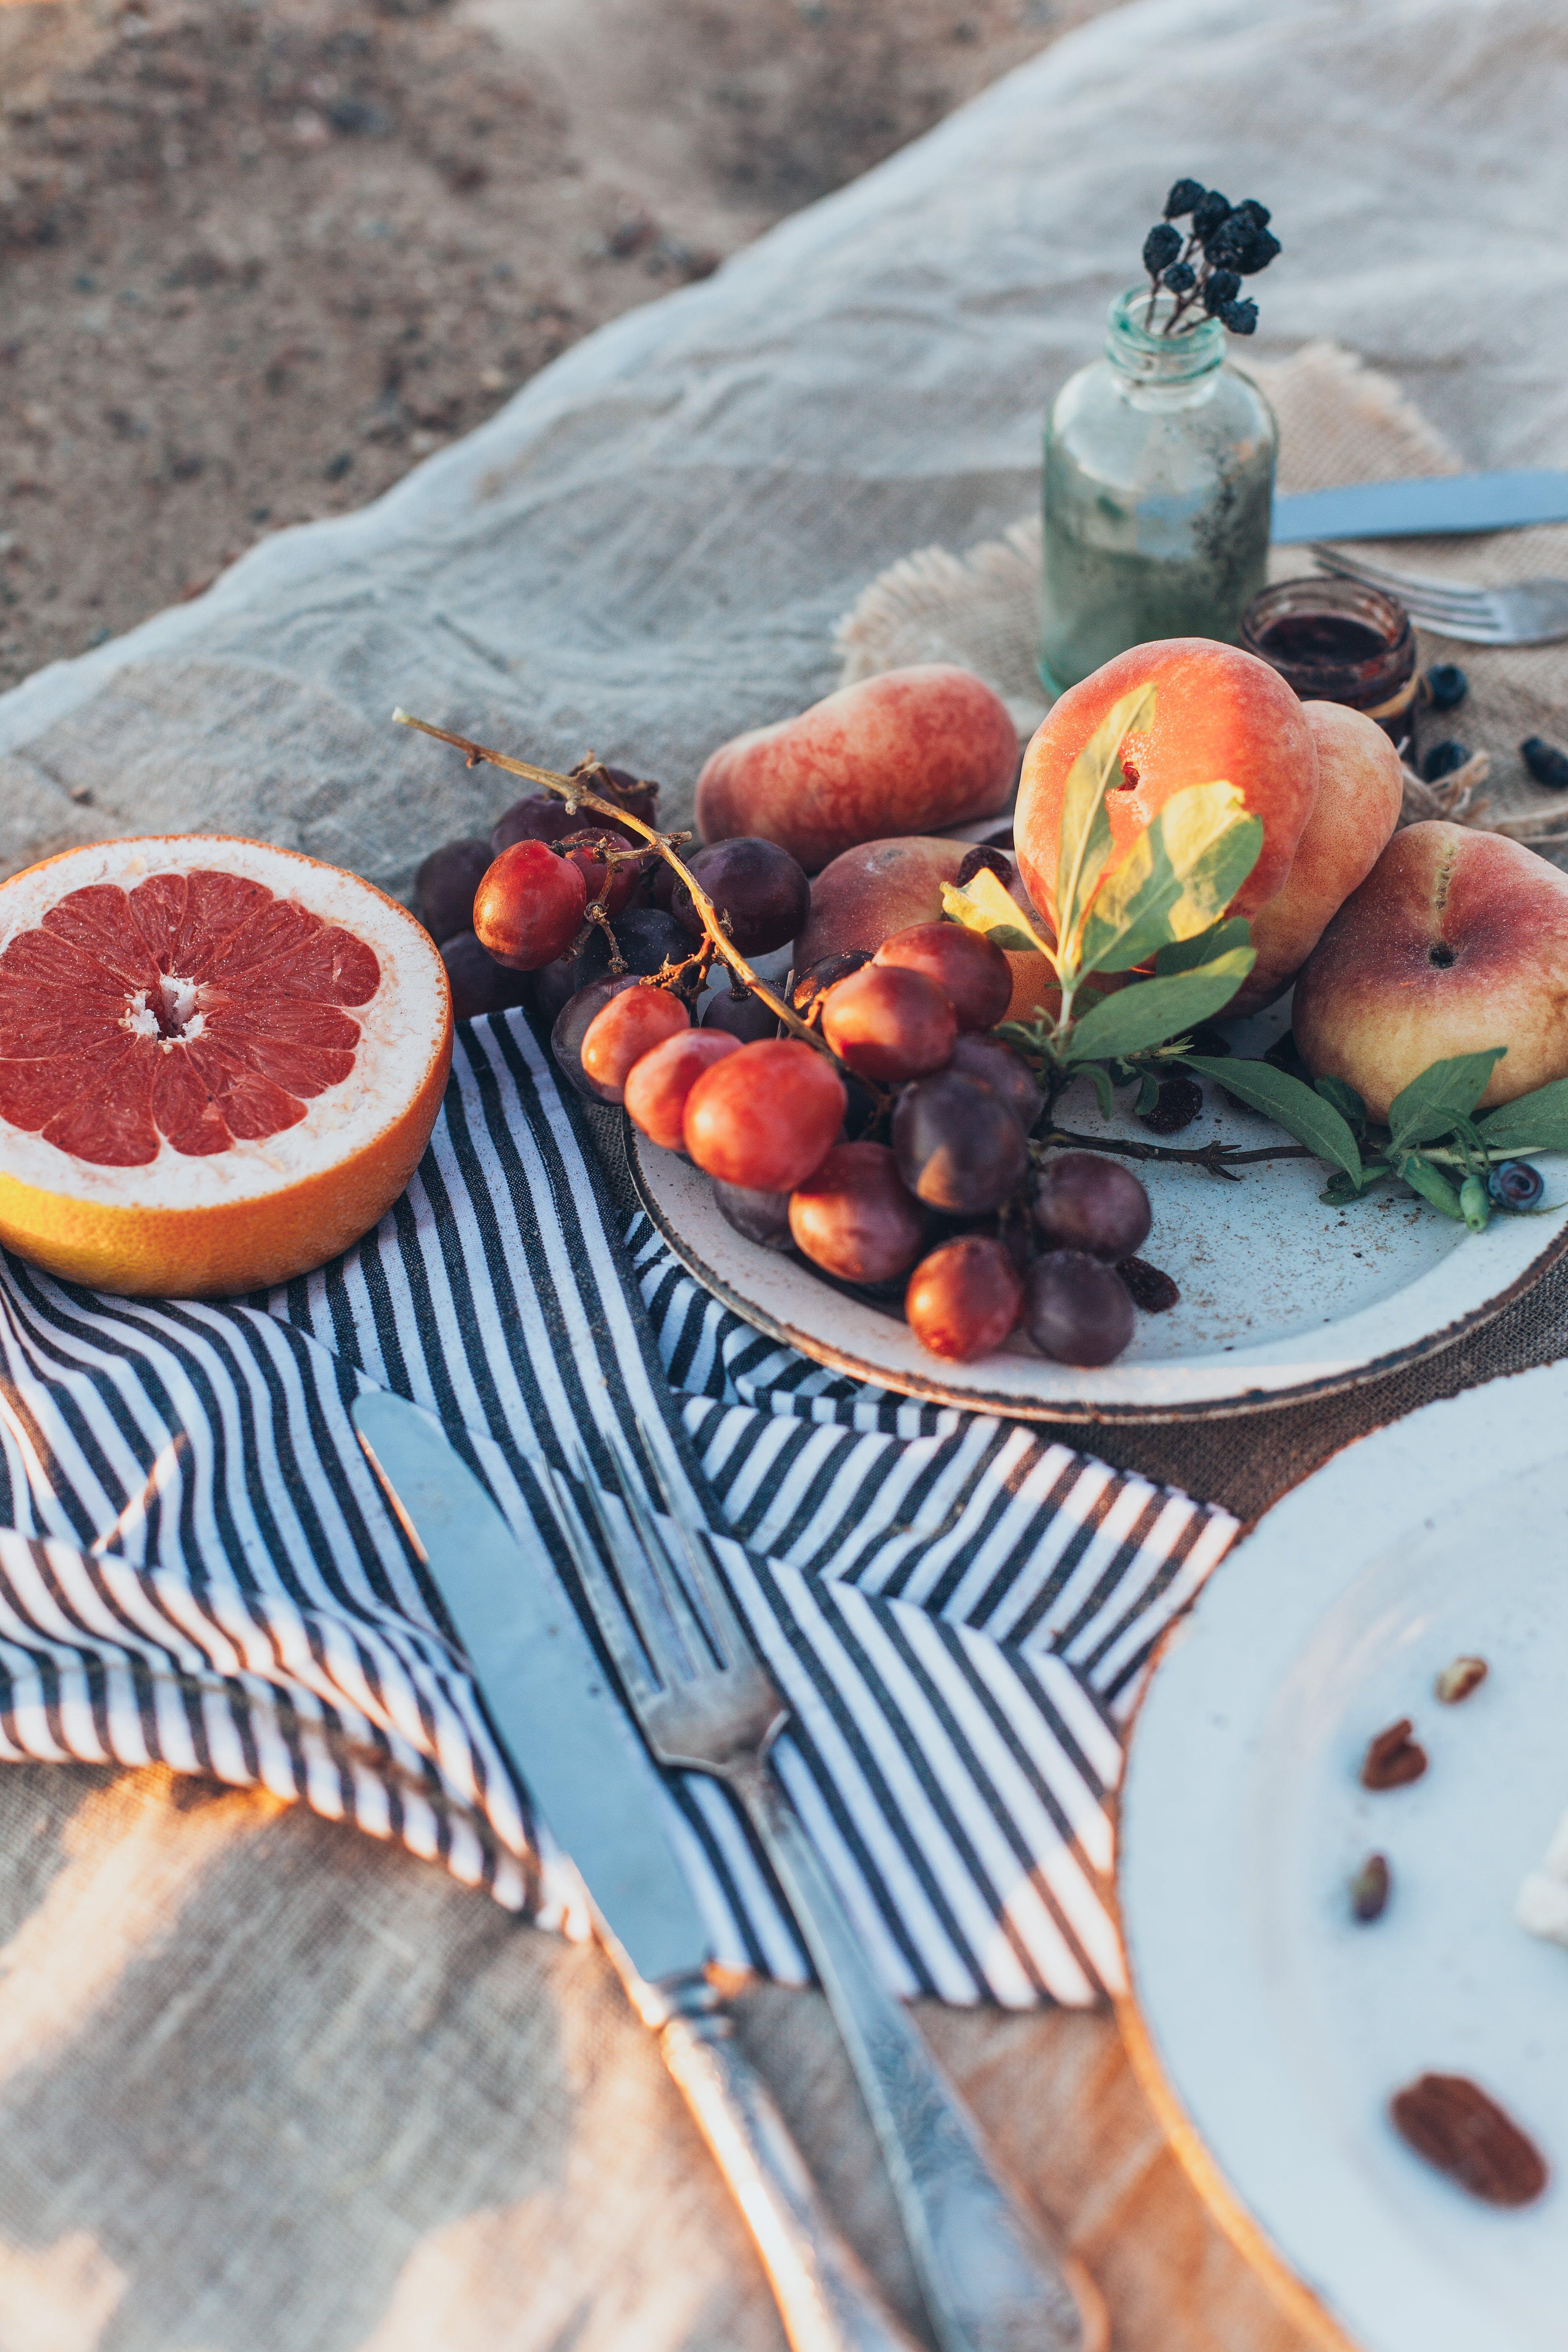 과일, 맛있는, 음식, 접시의 무료 스톡 사진